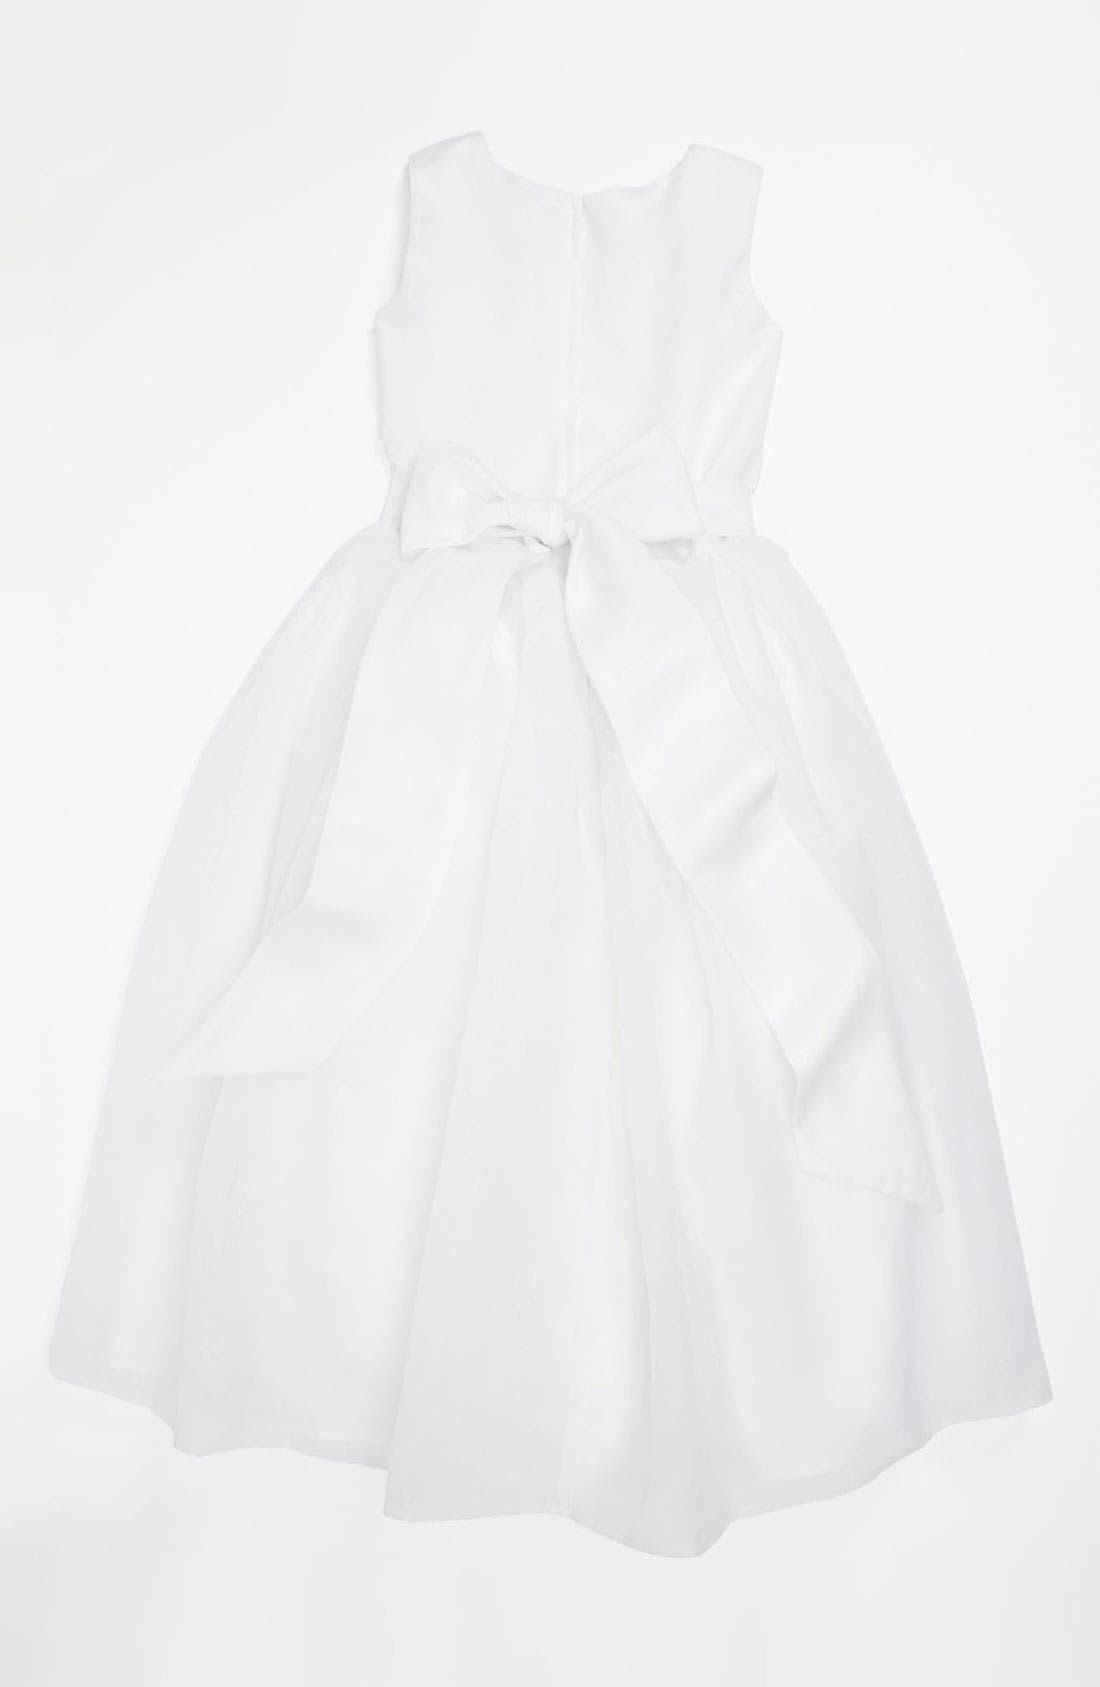 Alternate Image 2  - Joan Calabrese for Mon Cheri Sleeveless Dress (Little Girls & Big Girls)